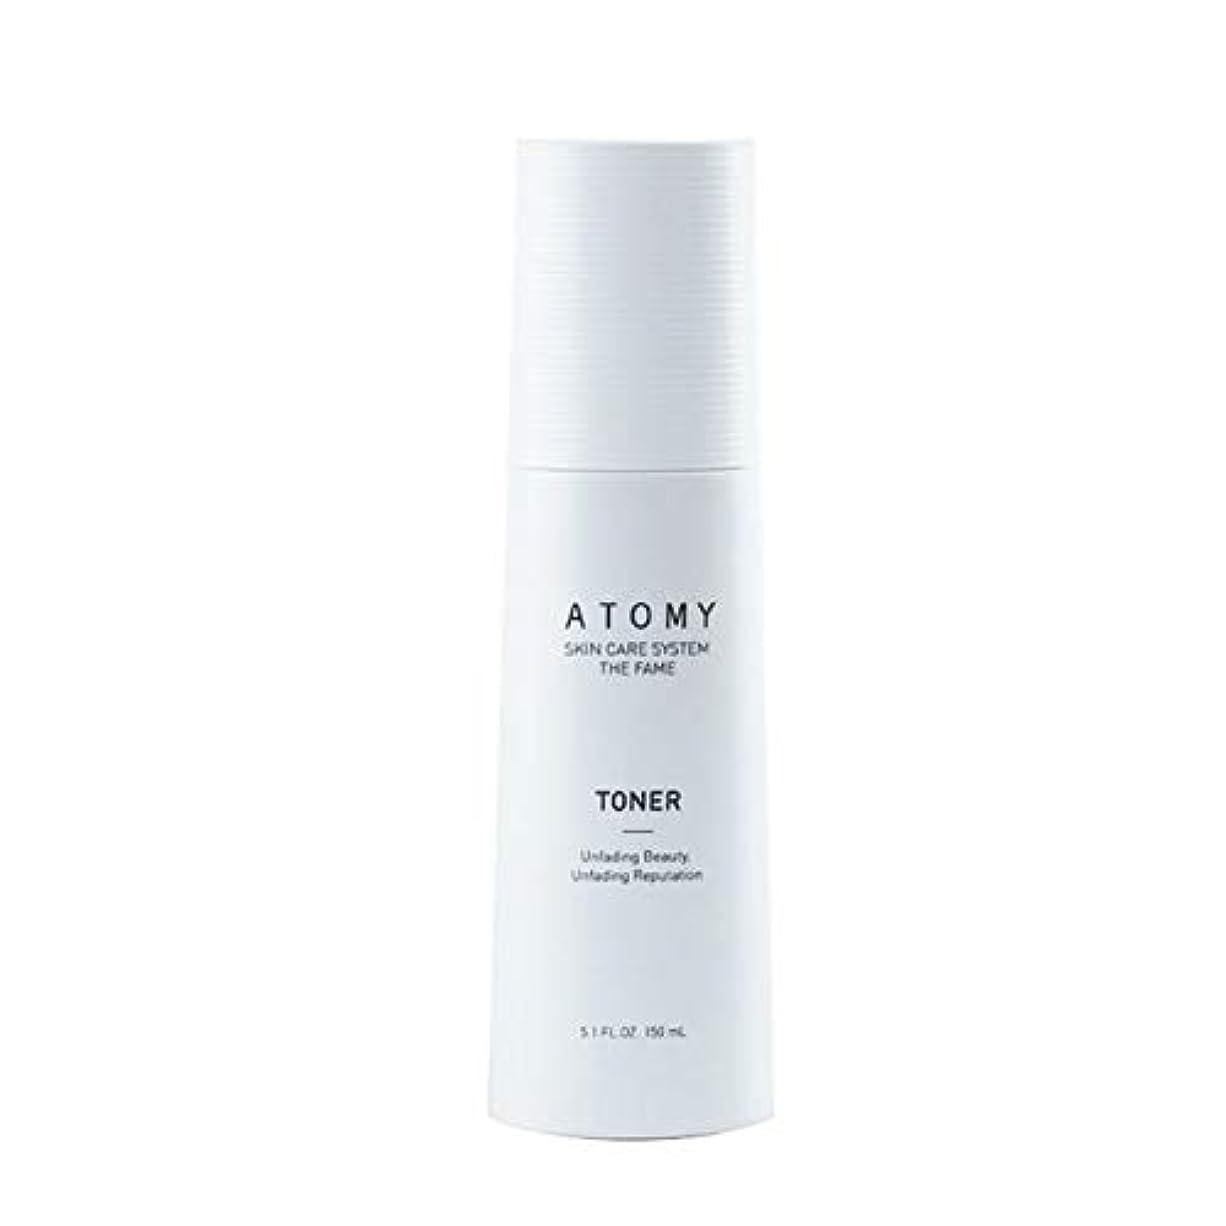 部家具前進アトミザ?フェームトナー150ml韓国コスメ、Atomy The Fame Toner 150ml Korean Cosmetics [並行輸入品]